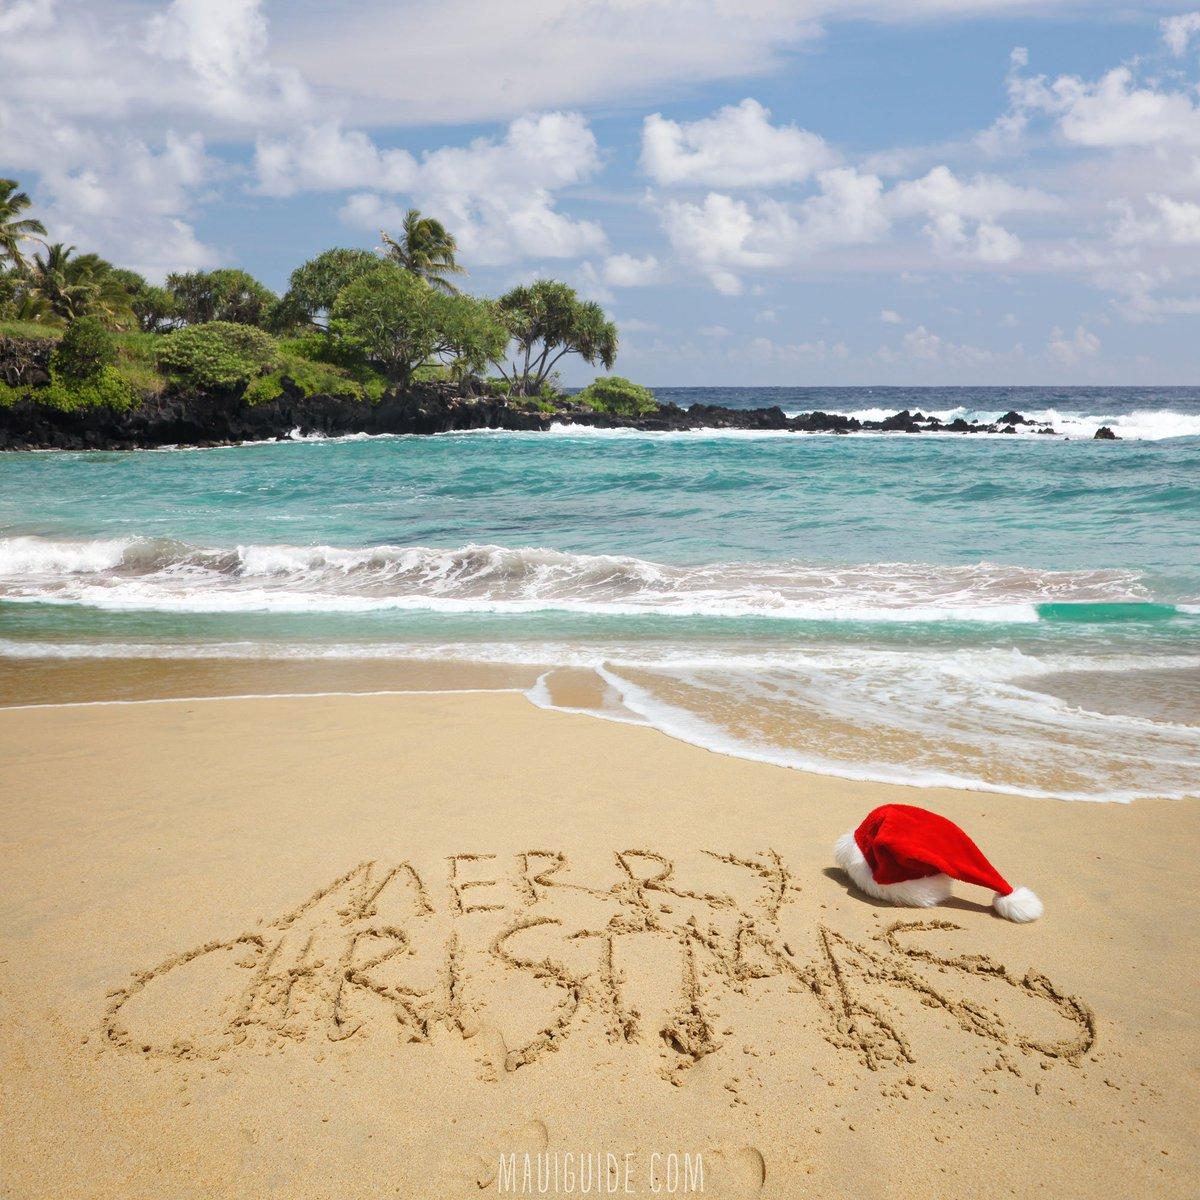 Maui Hawaii on Twitter: \